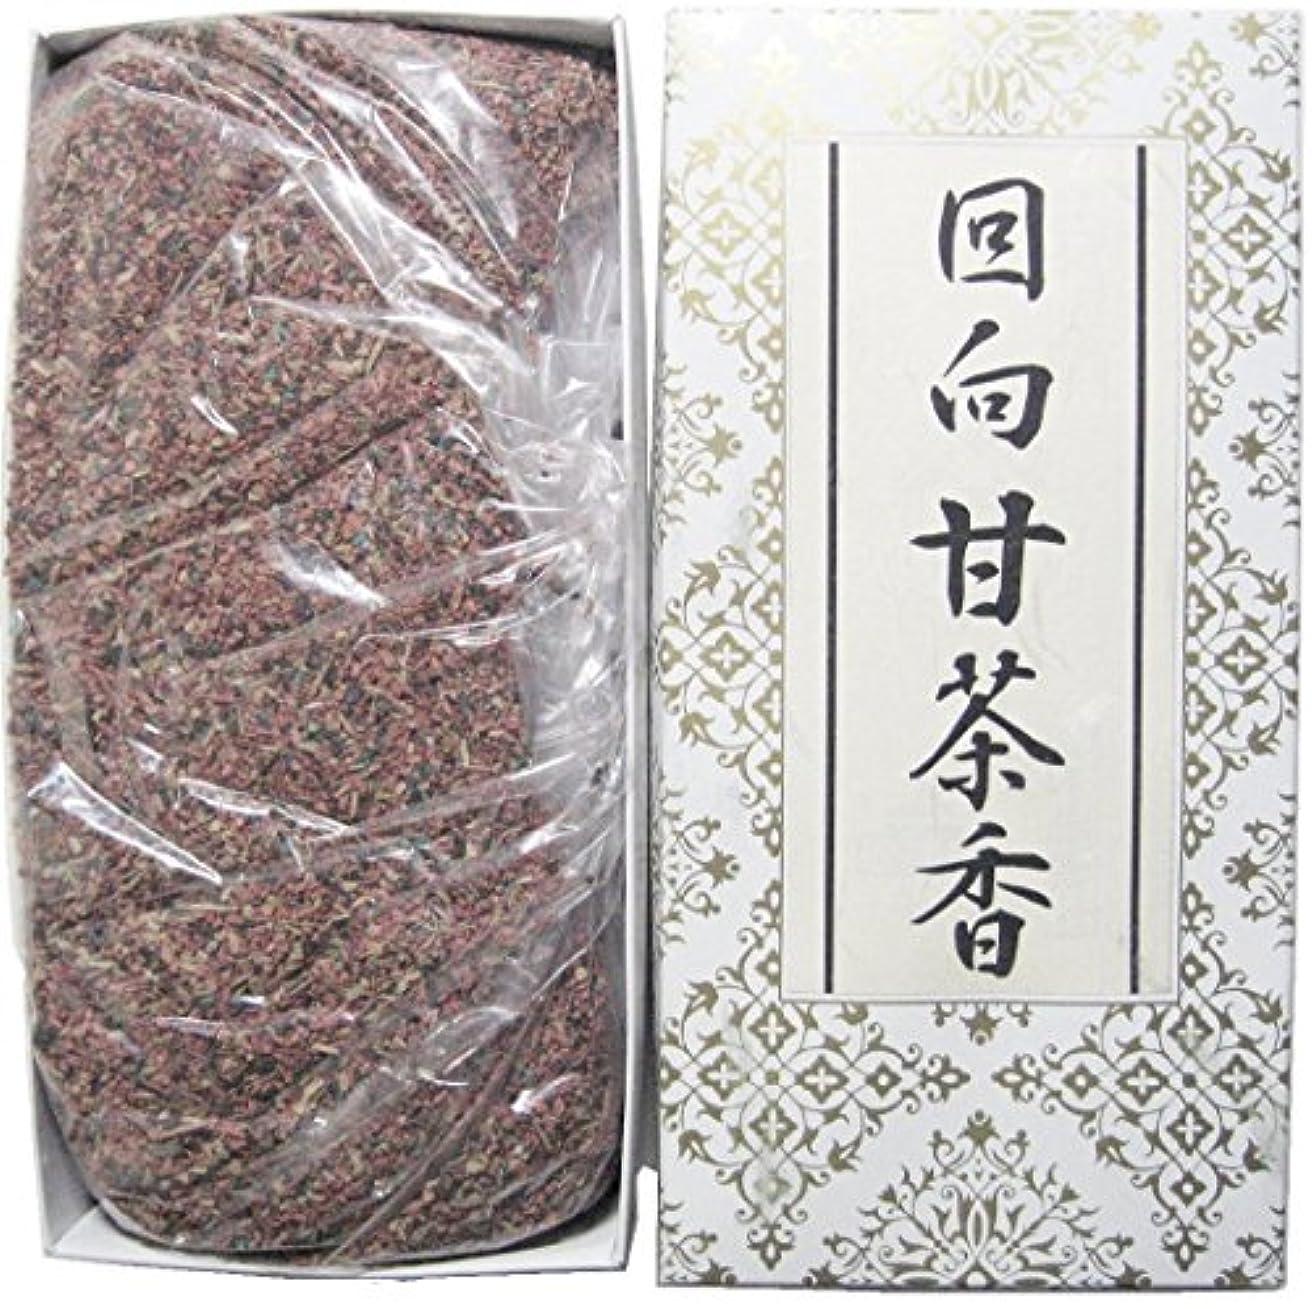 ケープアロング導出淡路梅薫堂のお焼香 回向甘茶香 500g お焼香用 お香